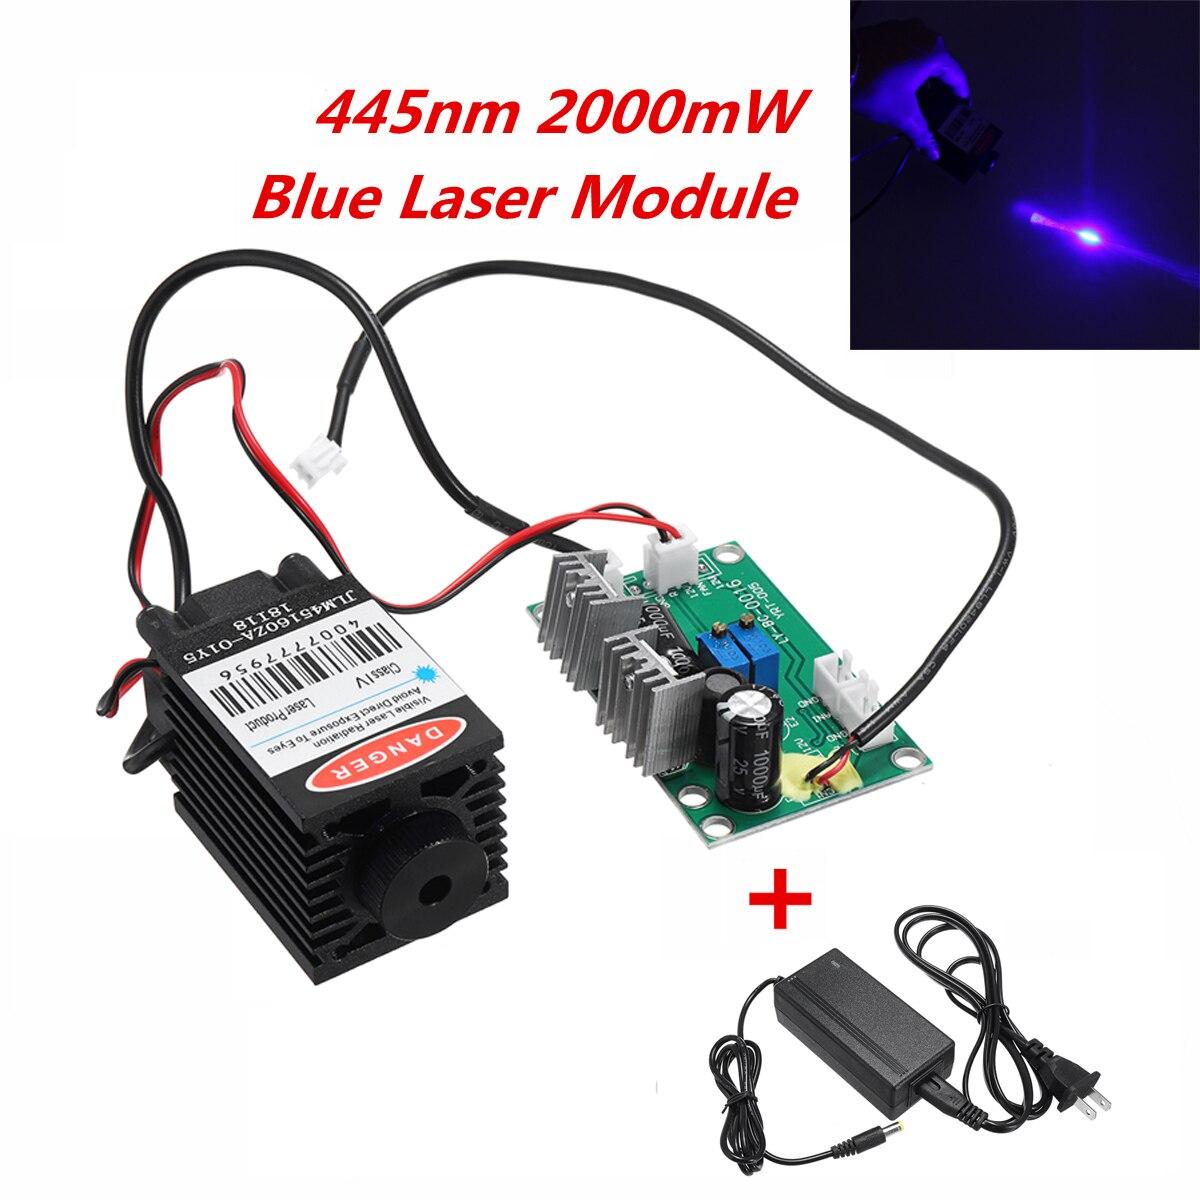 Фокус высокой мощность 445nm 450nm 2000 МВт Вт 2 Вт синий лазерный модуль ttl драйвер платы для станок с ЧПУ лазерная гравировка машины